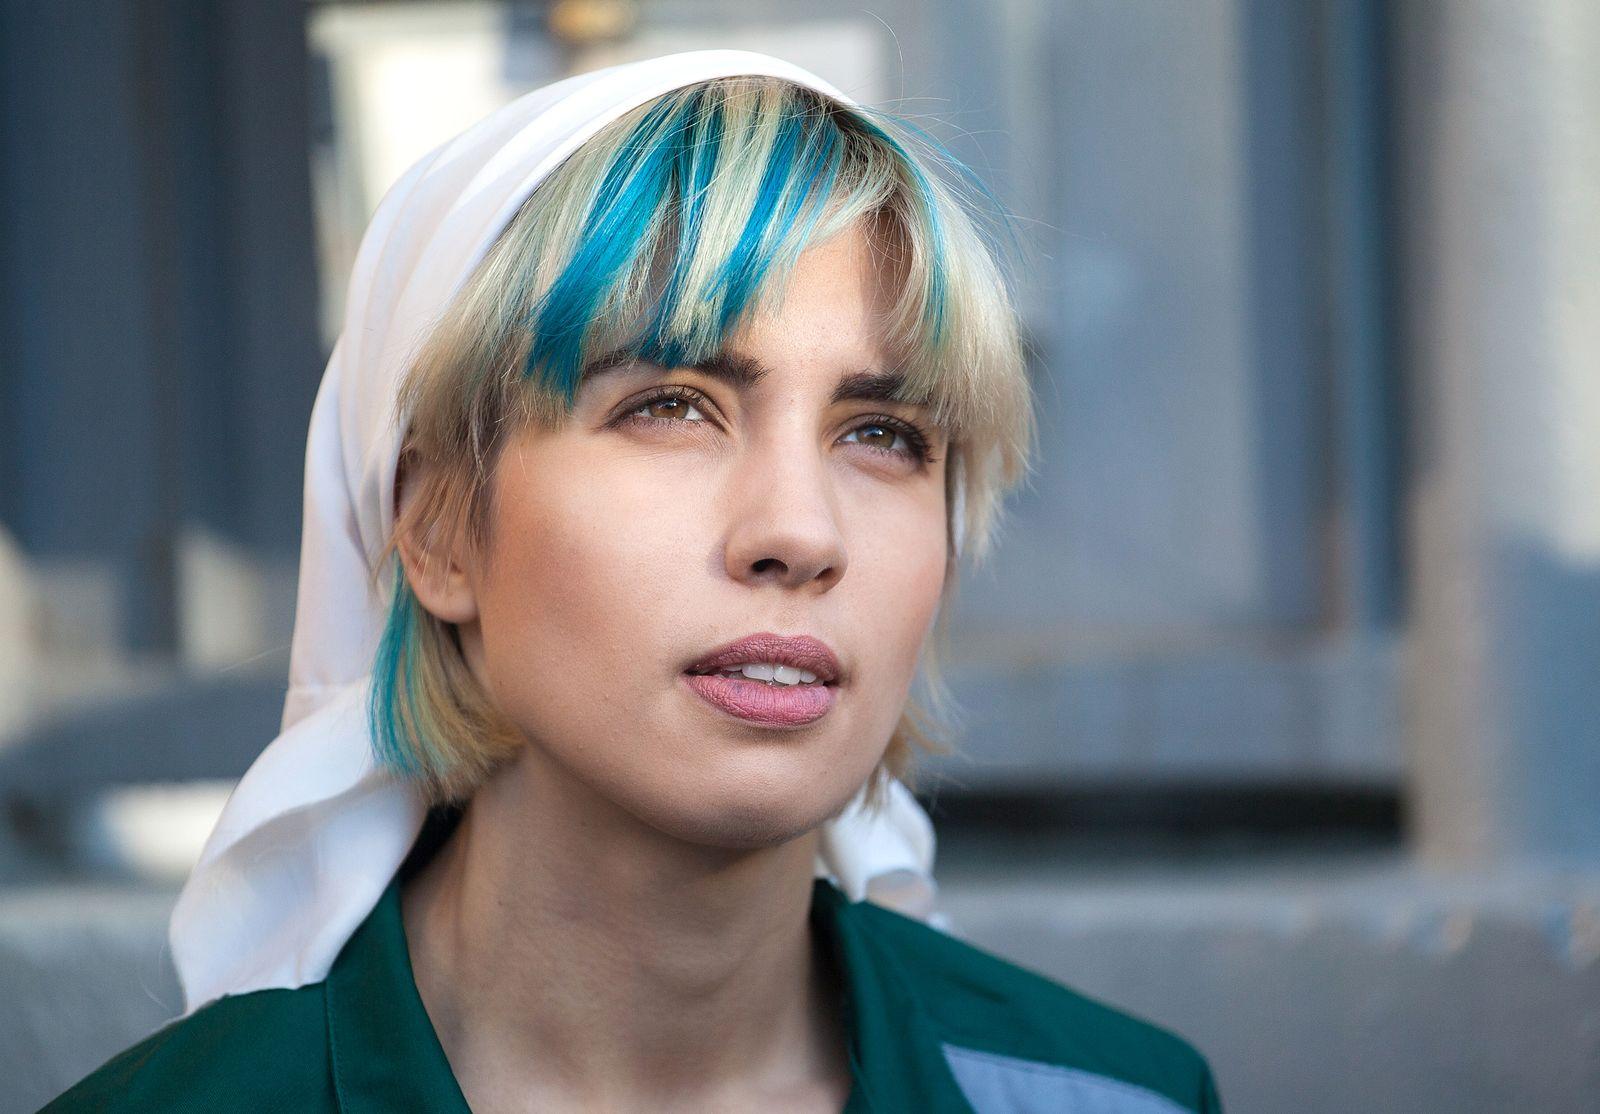 NICHT MEHR VERWENDEN! - Pussy Riot/ Nadeschda Tolokonnikowa